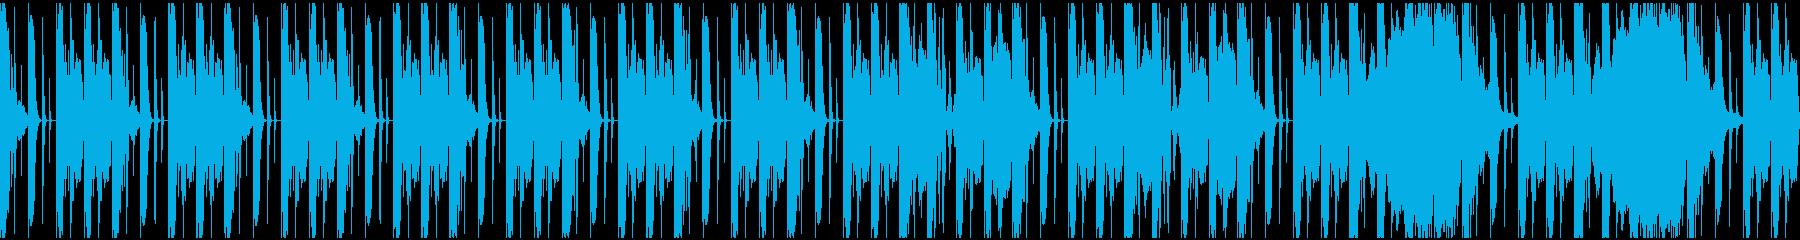 【ミステリアス】不気味ロング3の再生済みの波形